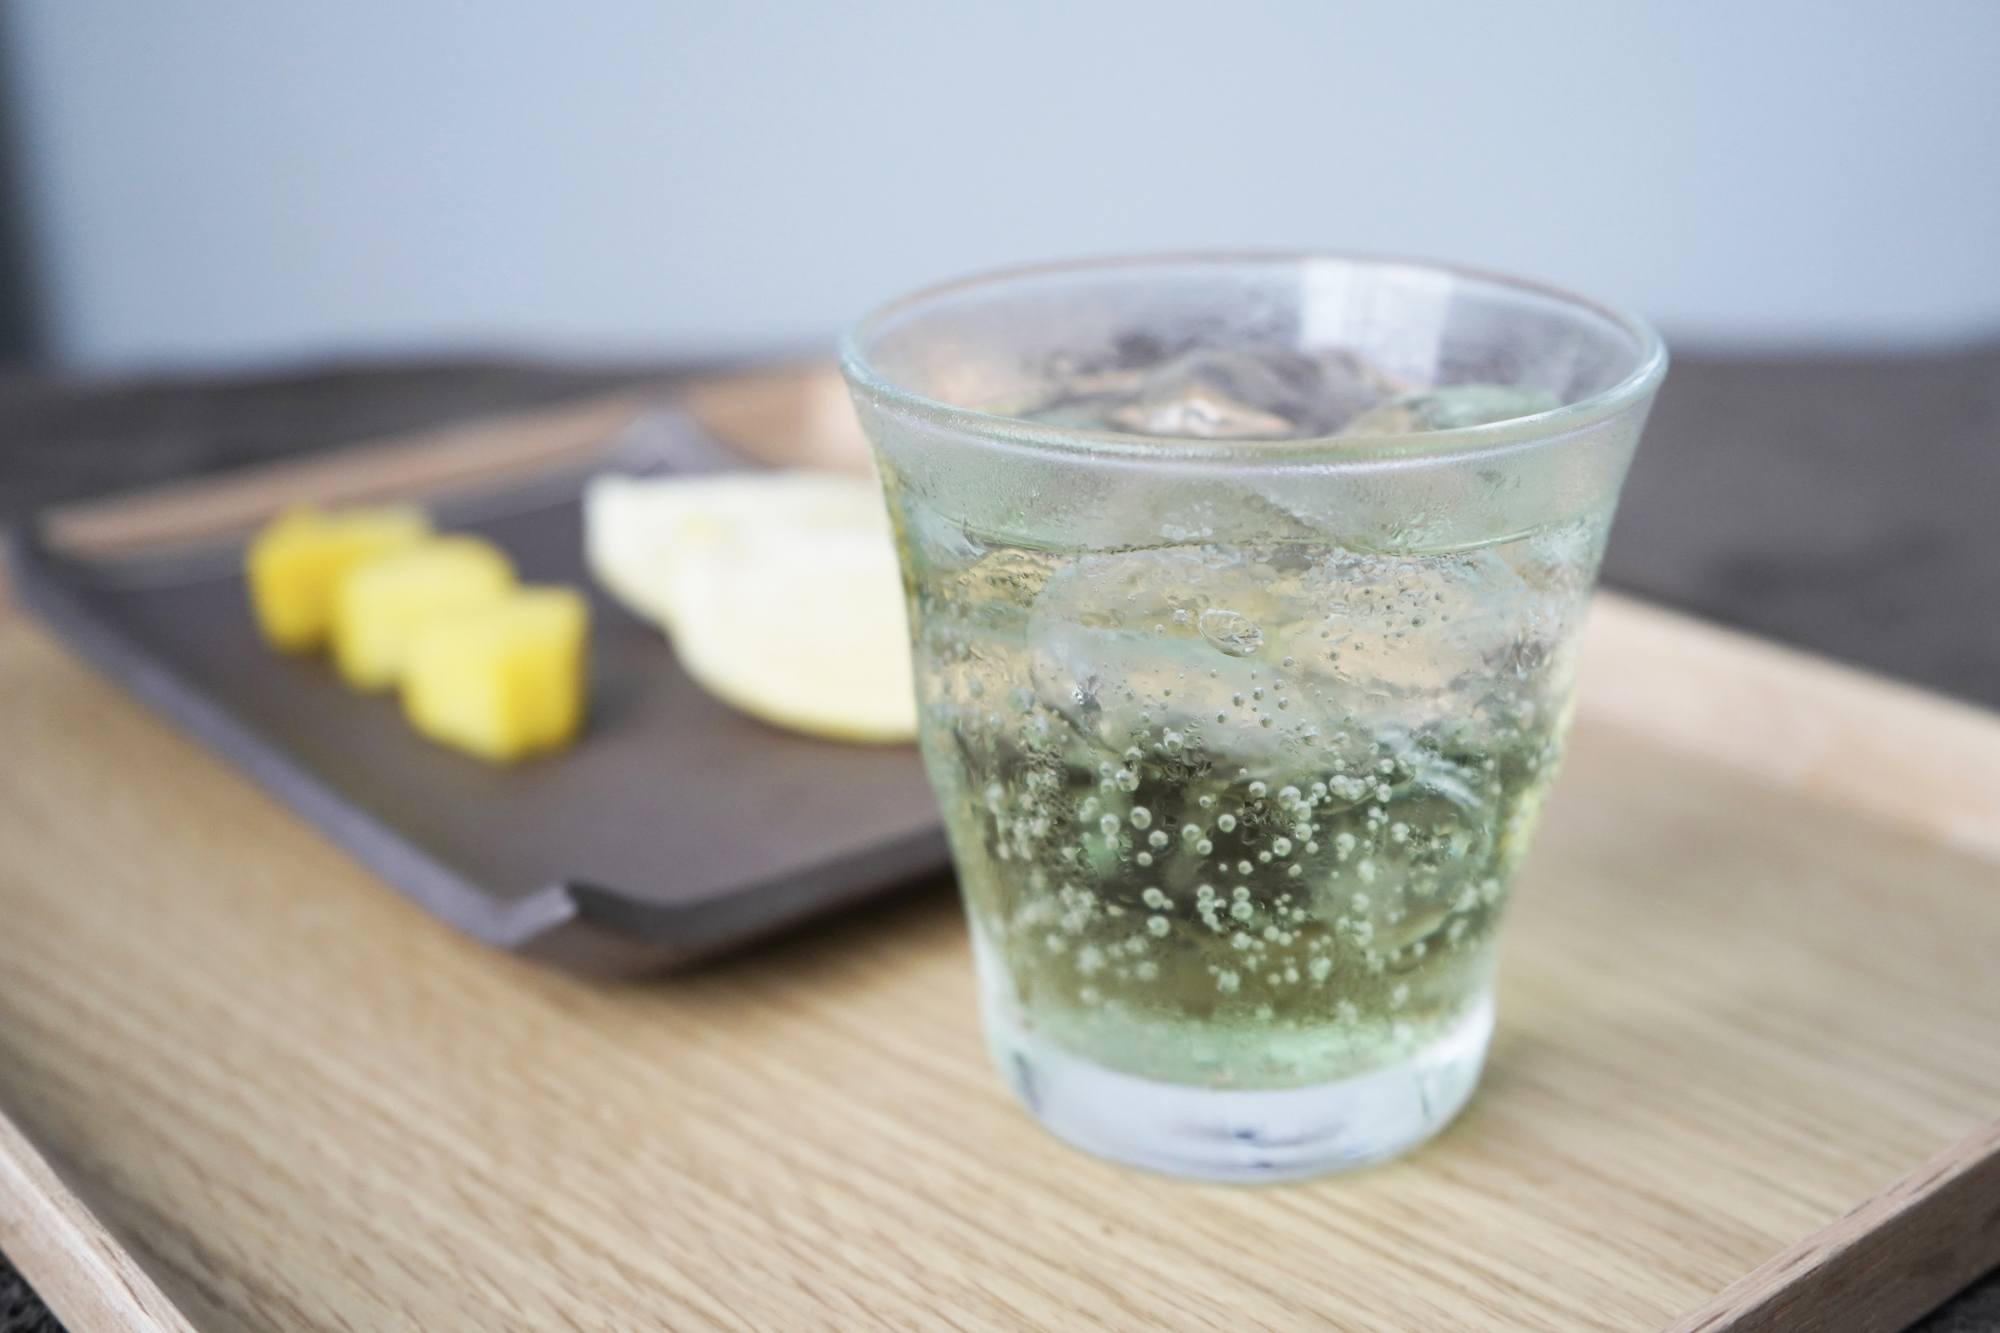 合成着色料不使用。淡い色合いと優しい味わいの無印良品「メロンソーダ」は、この夏のマストアイテム